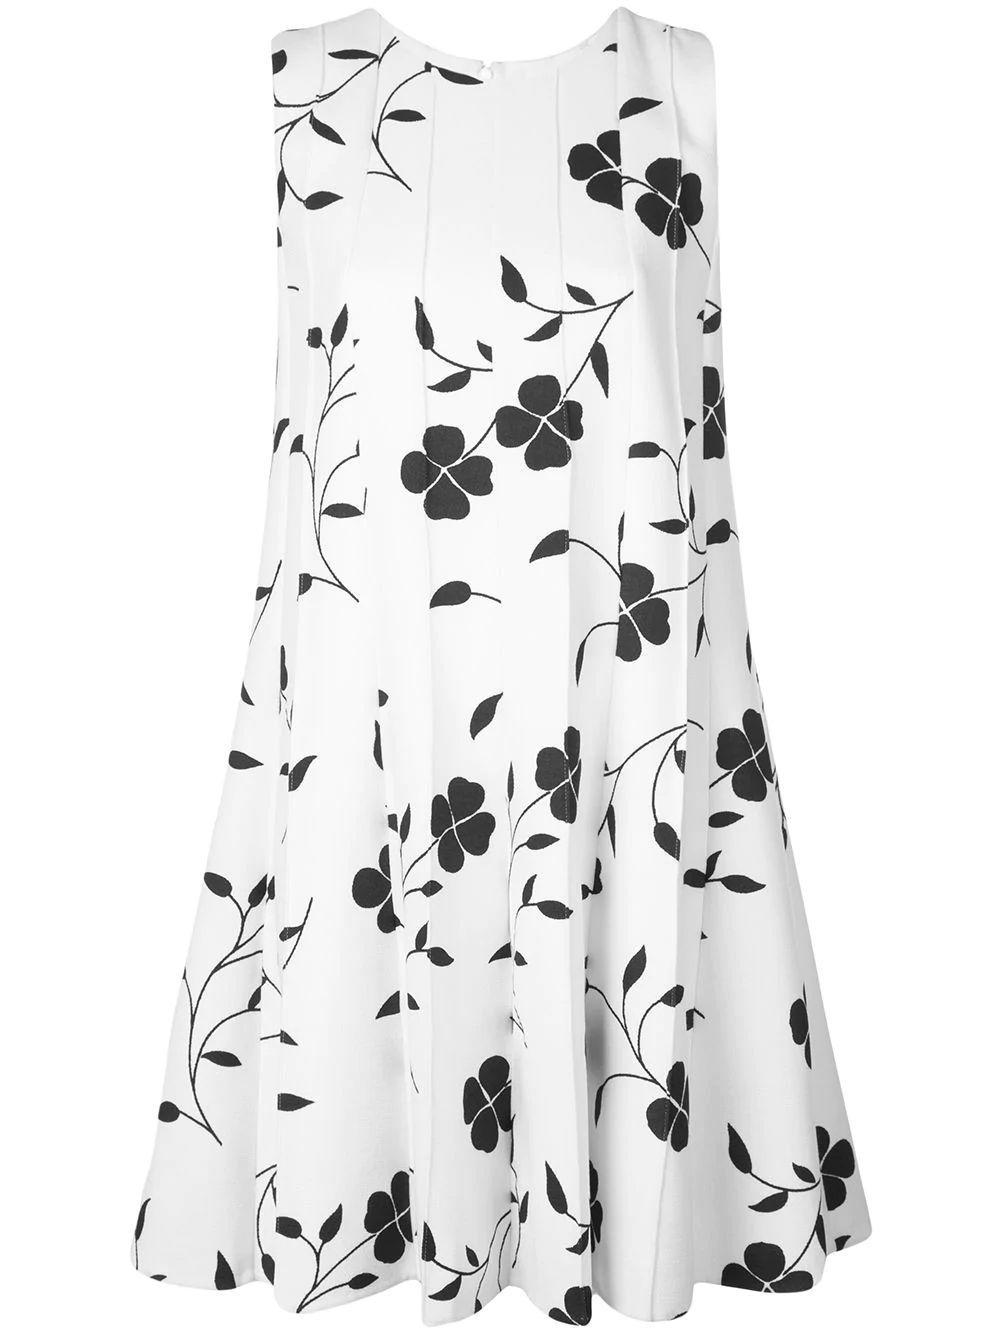 Sleeveless Pleated Mini Dress Item # 20RN219FWC